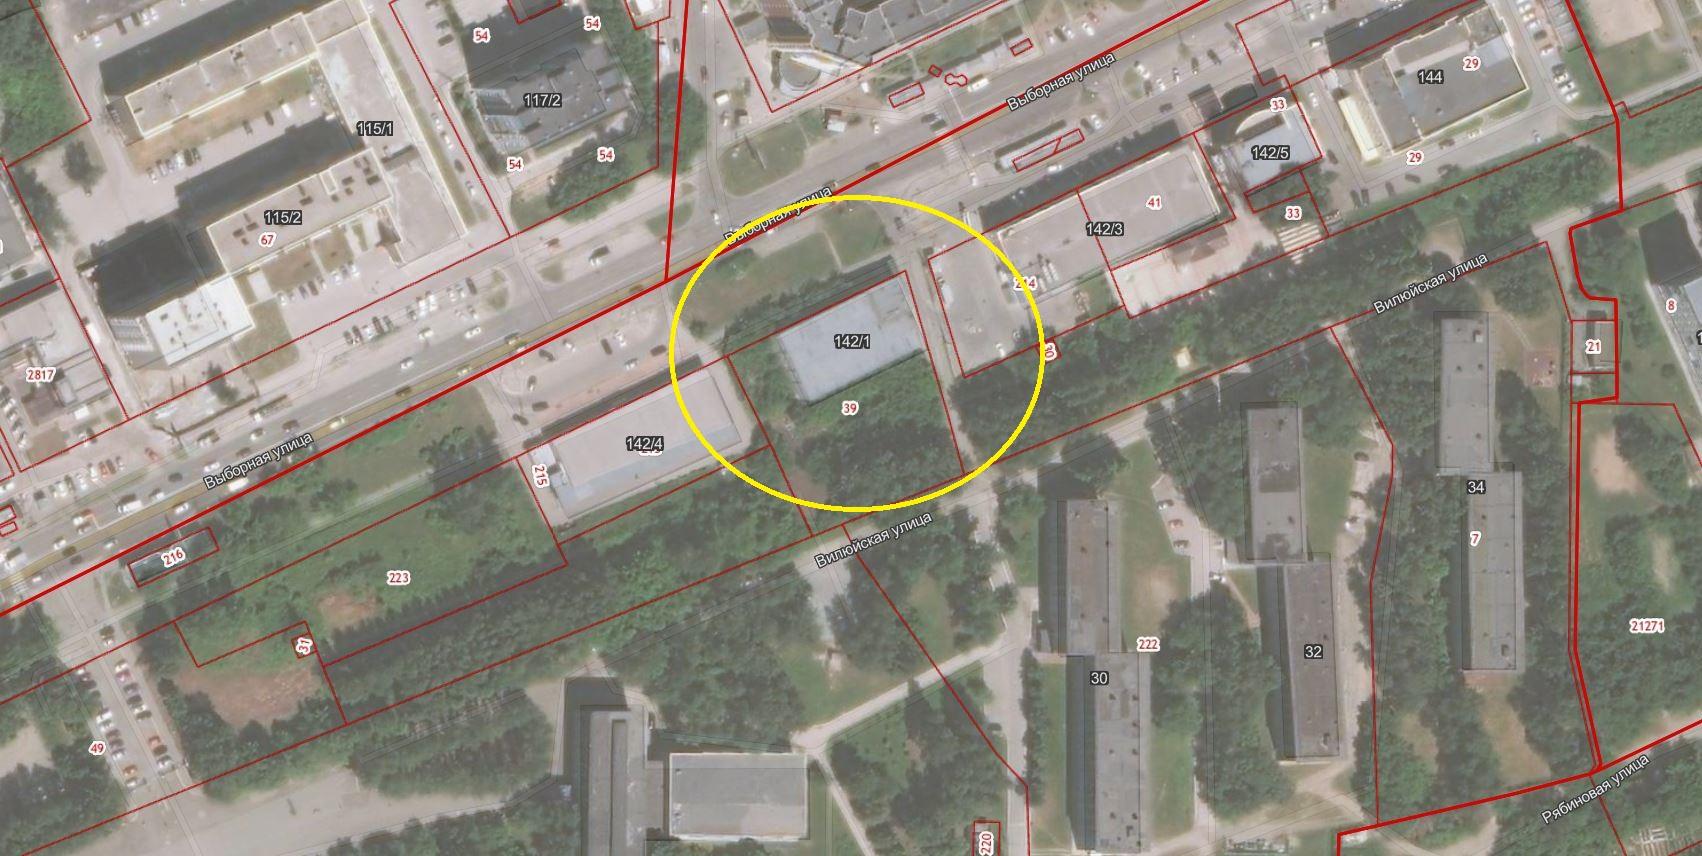 Первый лот – здание по улице Выборная, 142/1 в Октябрьском районе